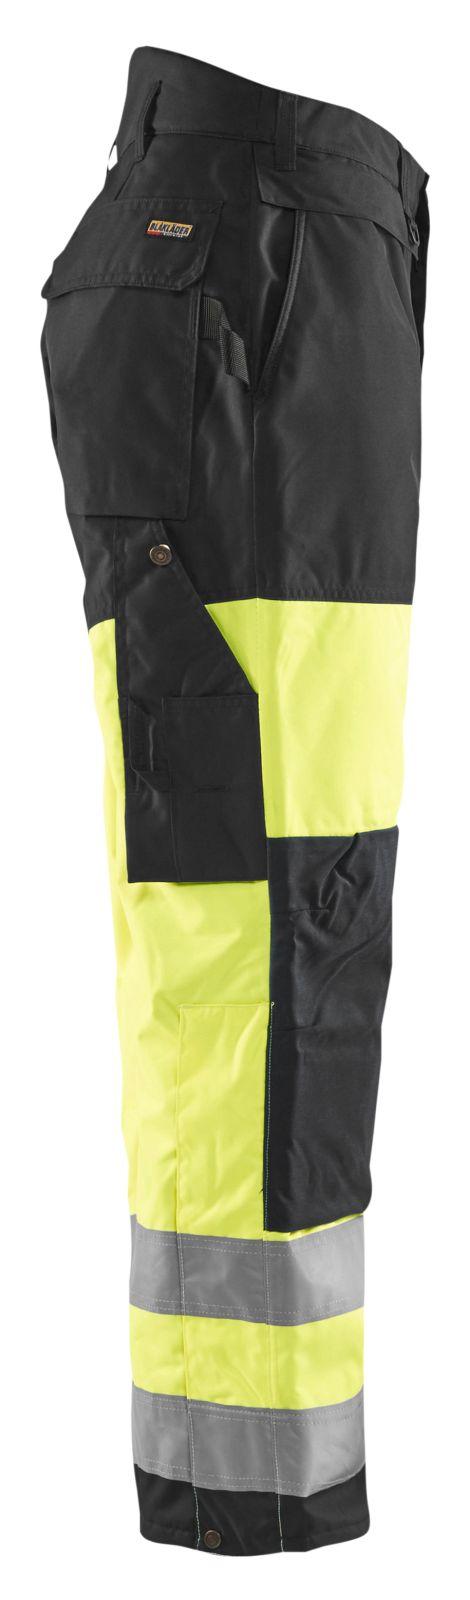 Blaklader Broeken 18831997 High Vis geel-zwart(3399)